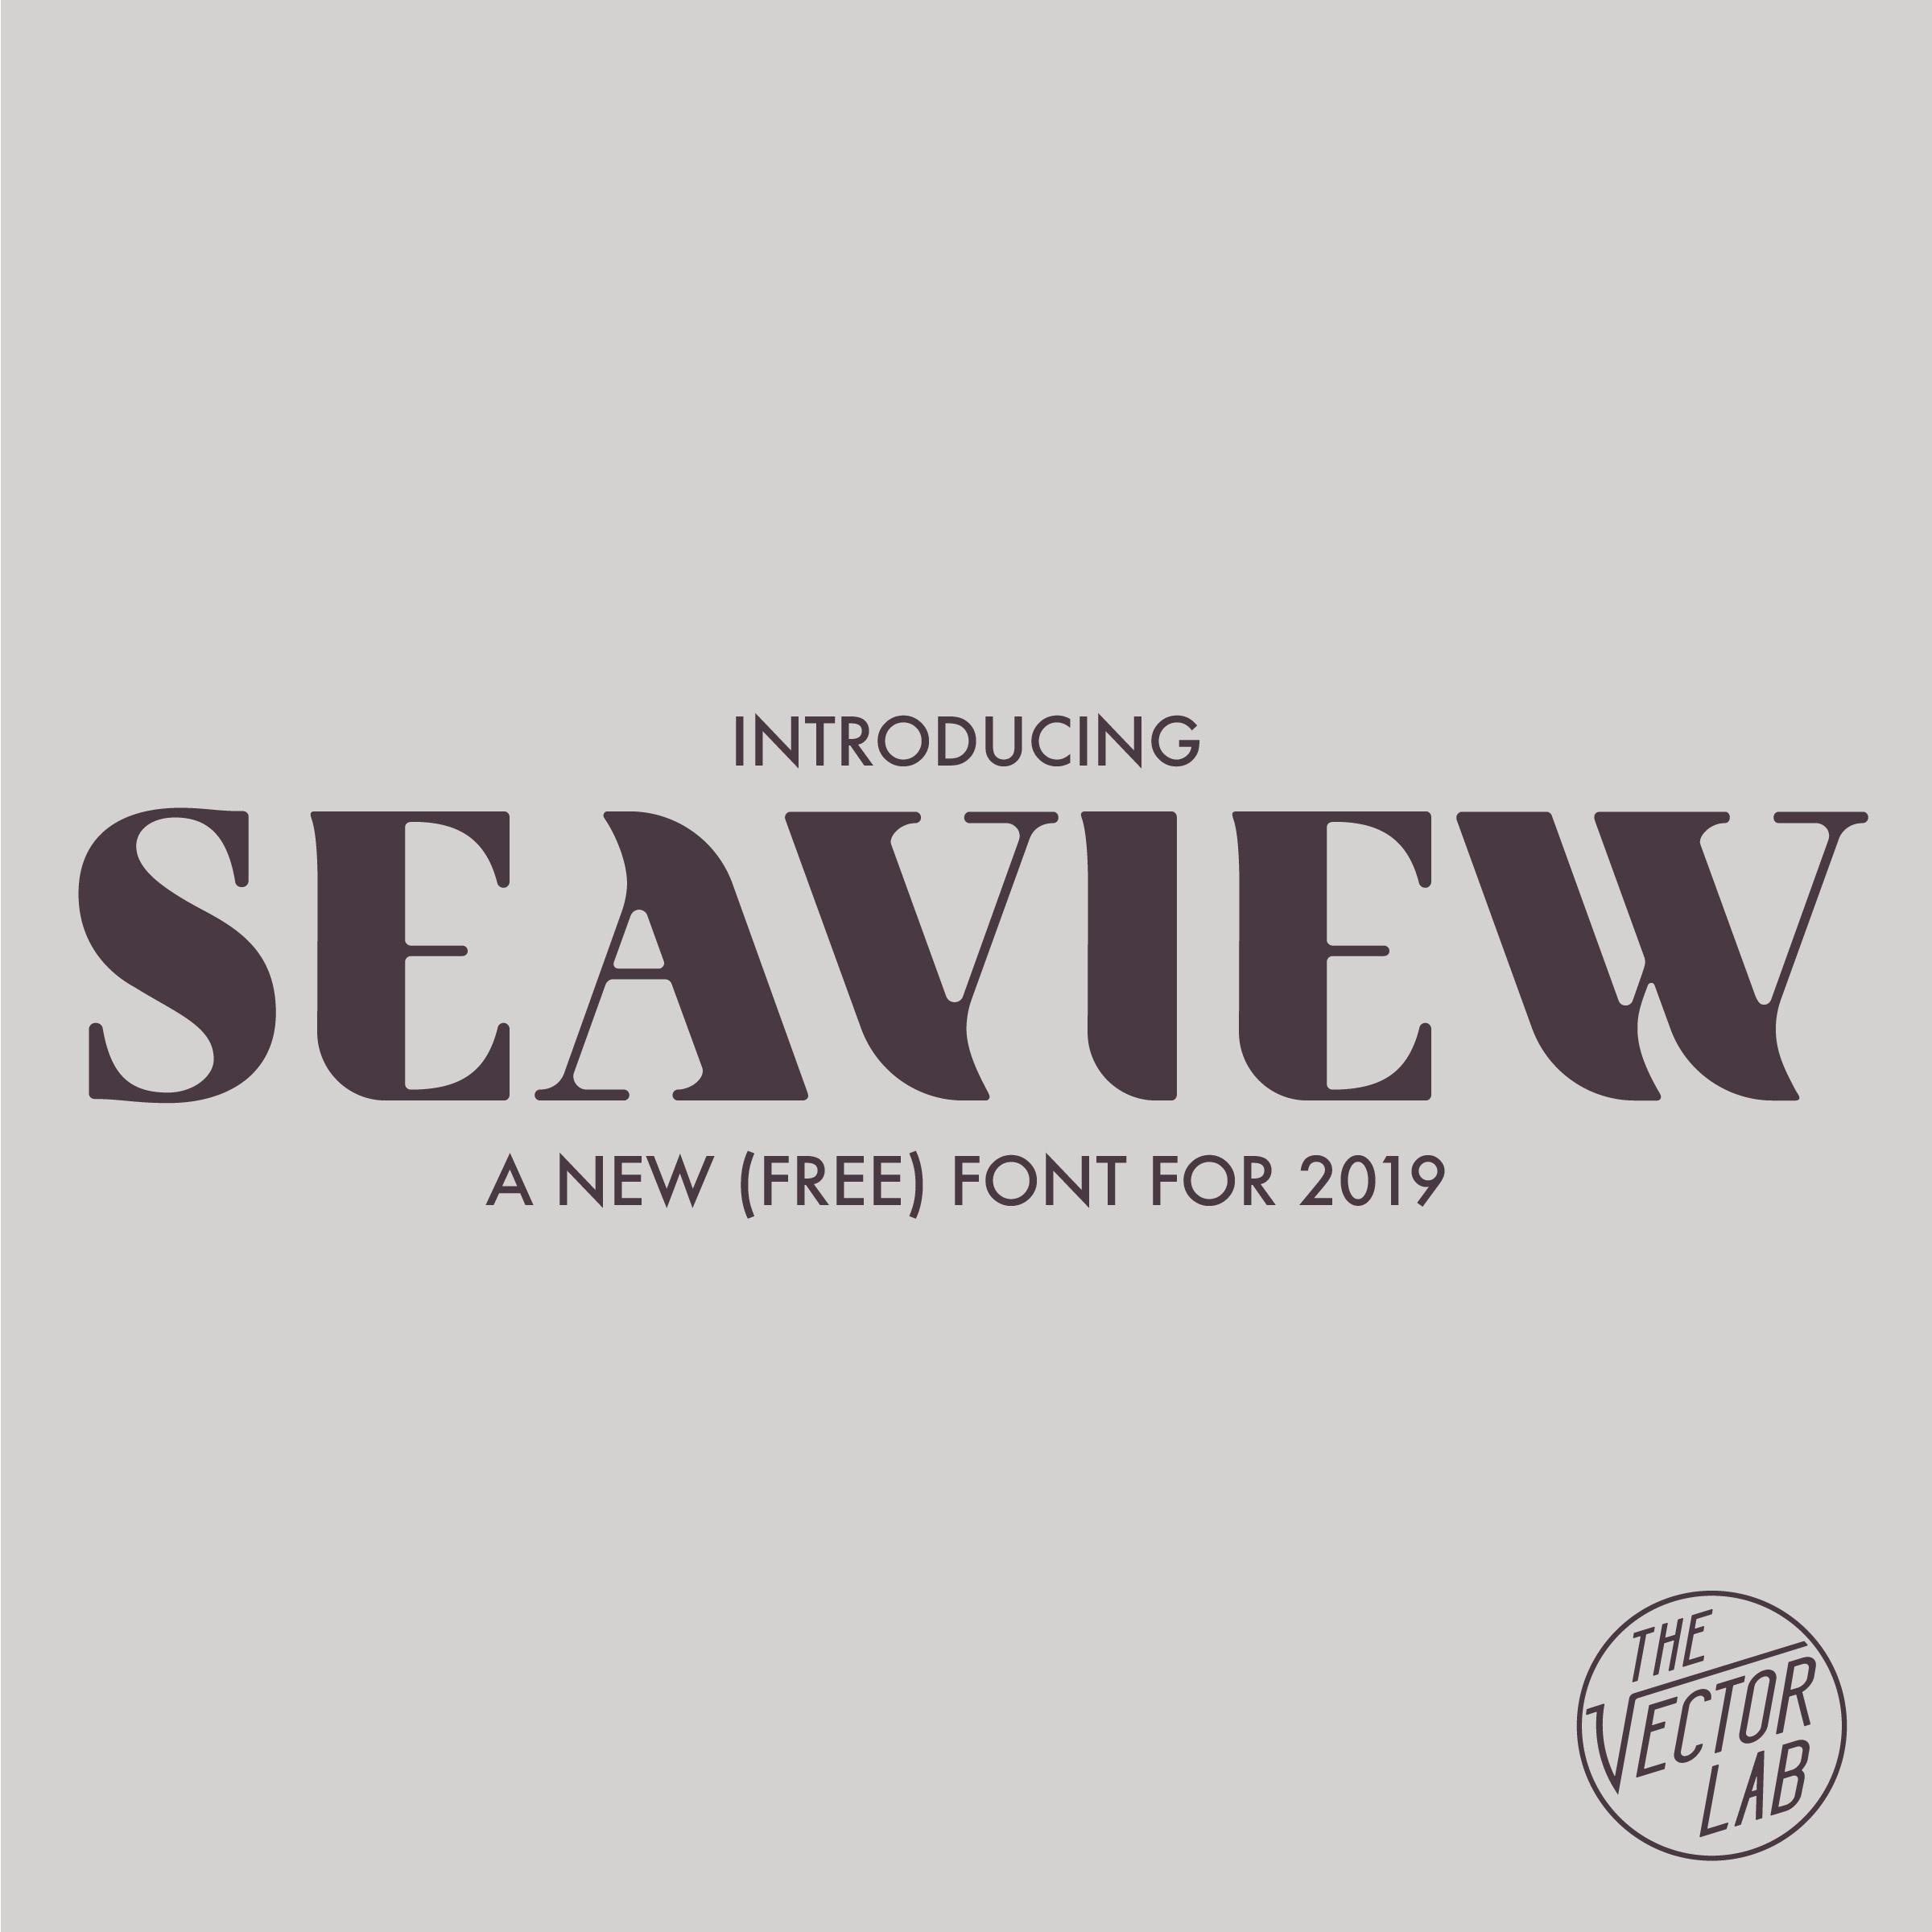 SeaViewArtboard 1 copy-80.jpg